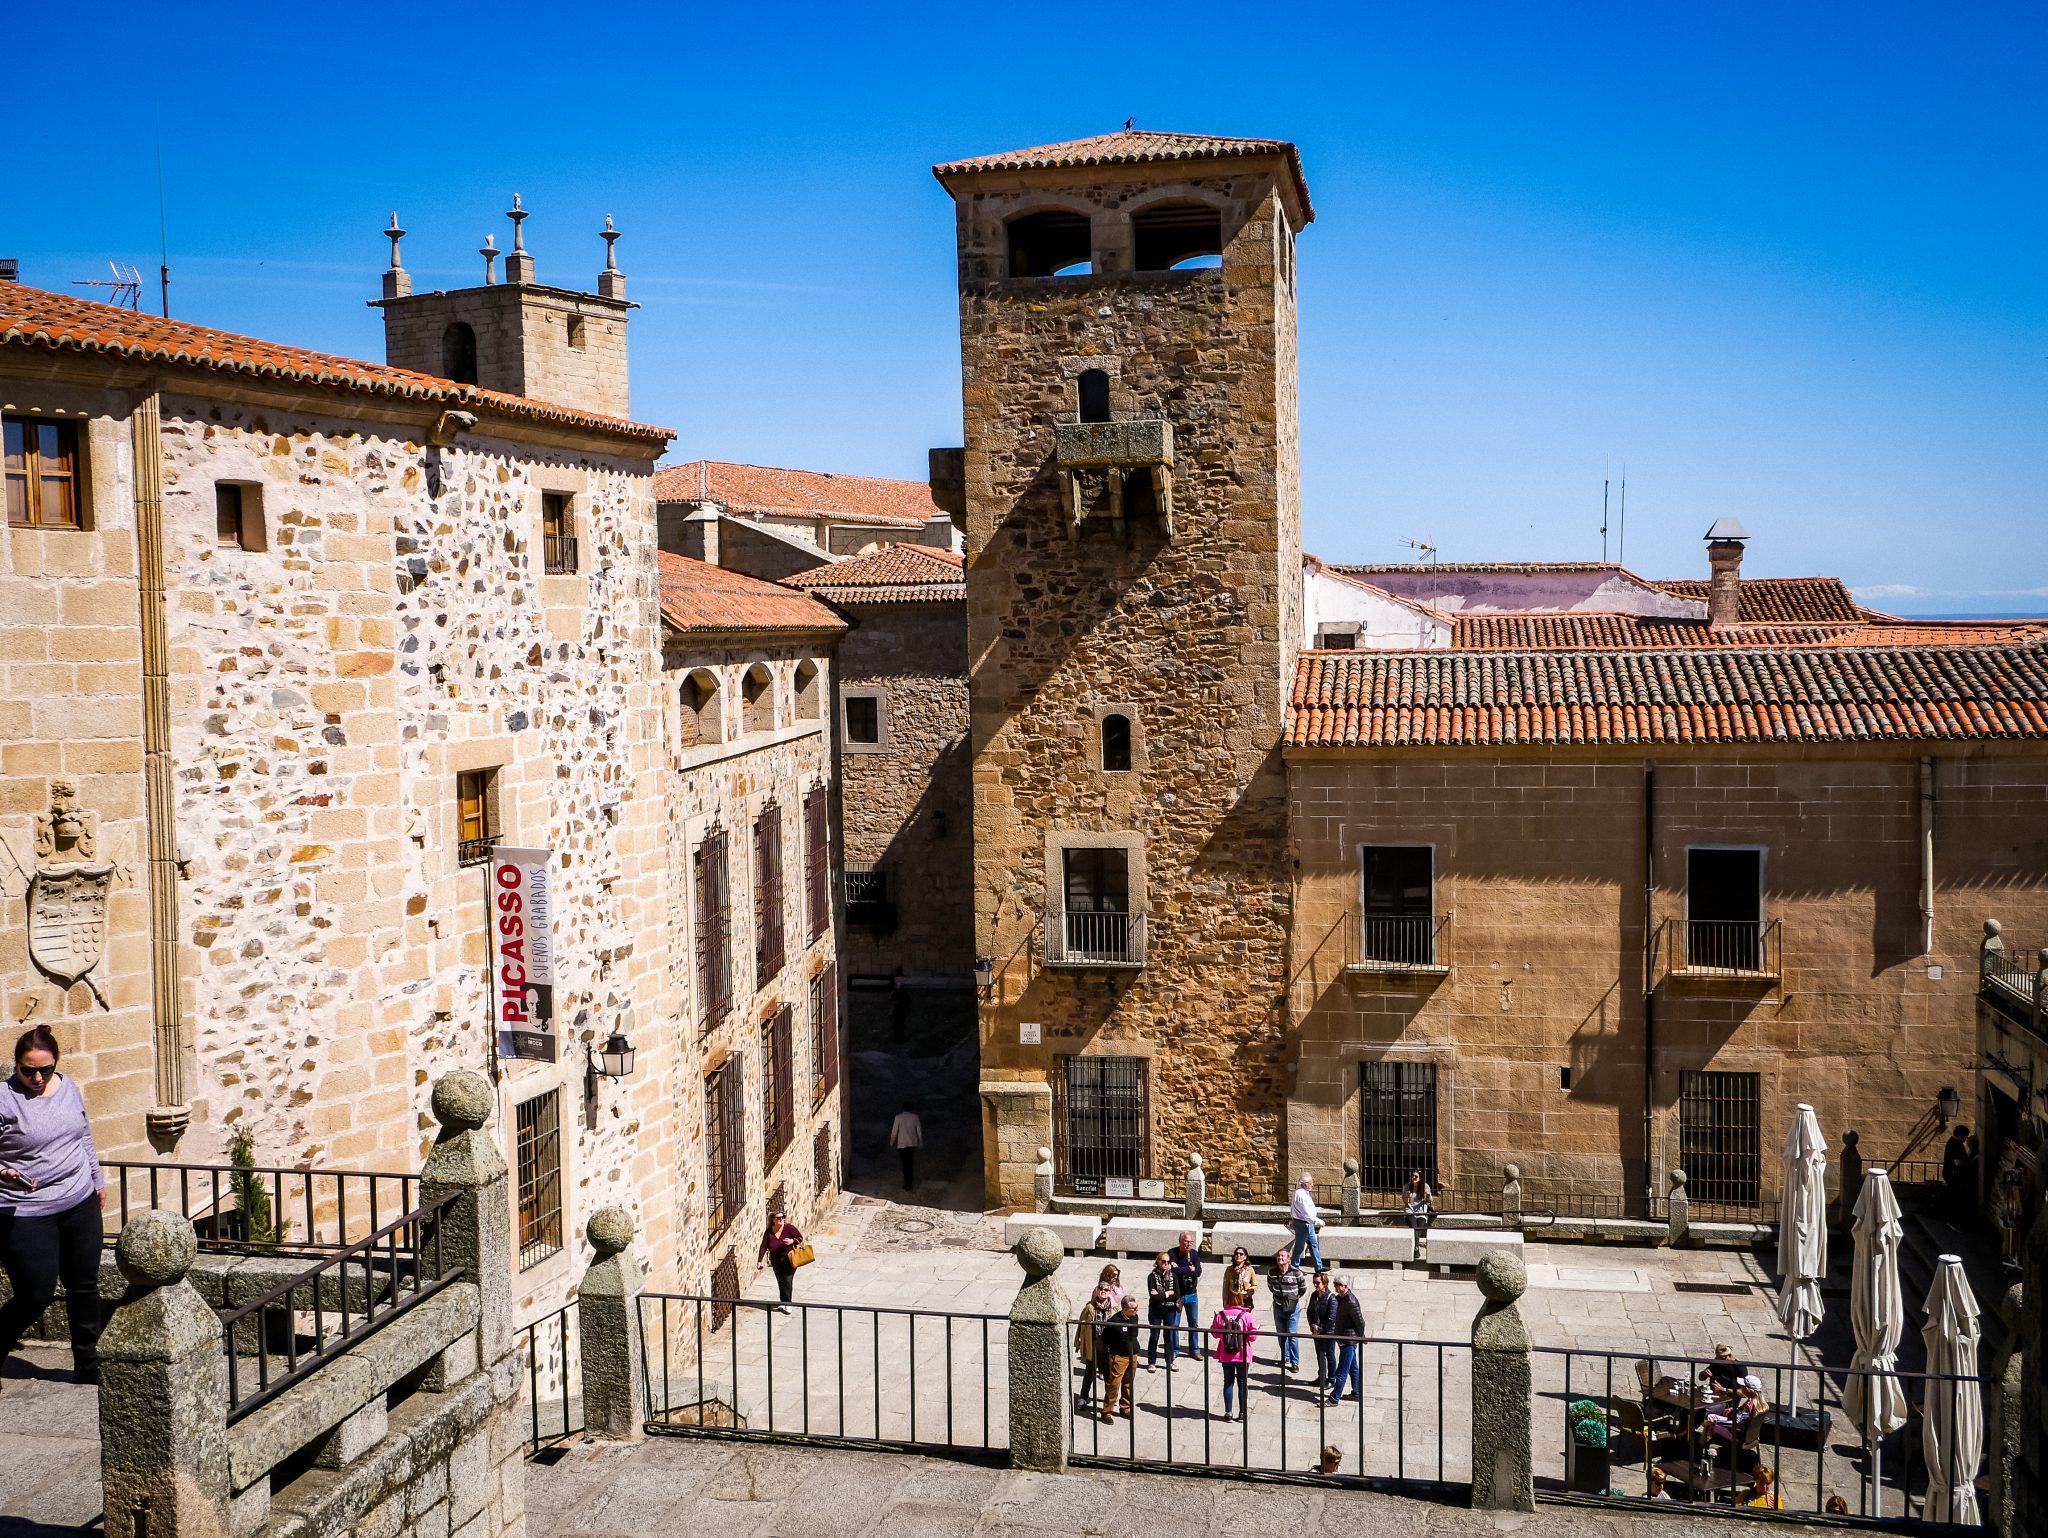 Historische Gebäude kannst du überall vorfinden, wie hier beispielsweise die Konkathedrale.